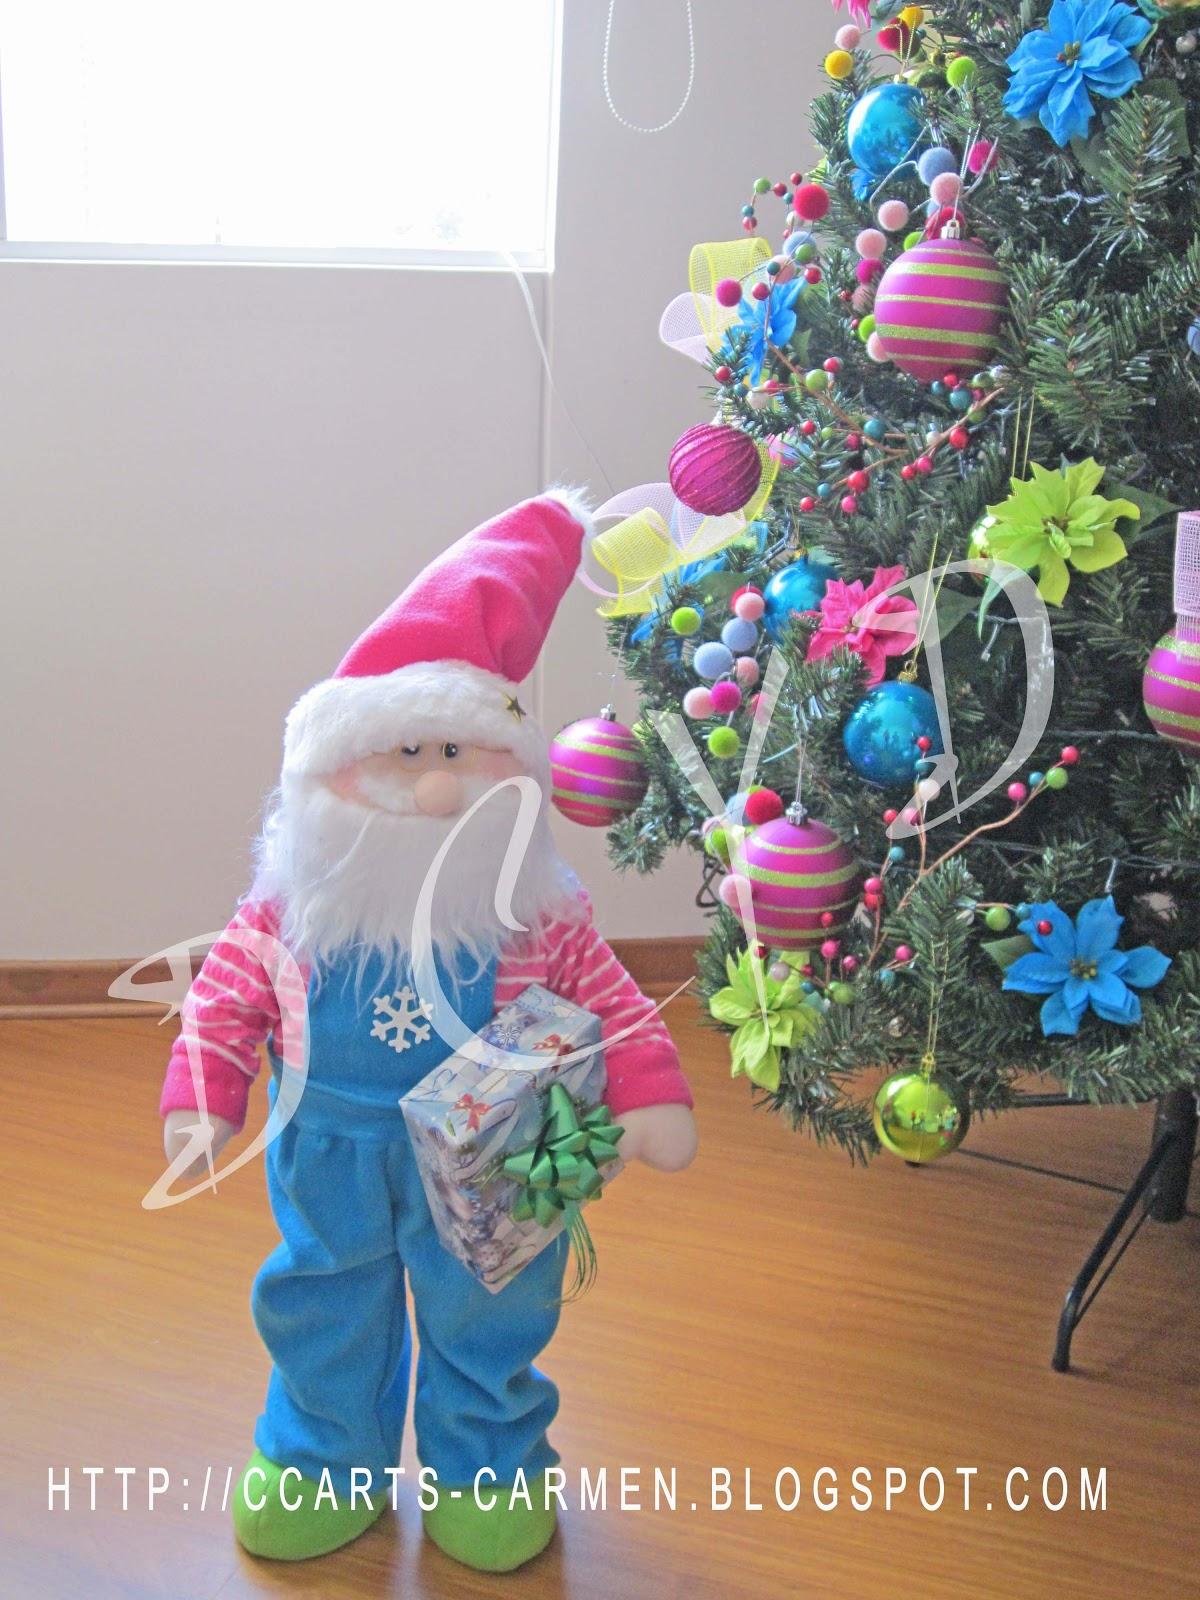 Decobaby nueva tendencia en decoracion navide a 2012 for Decoracion navidena artesanal